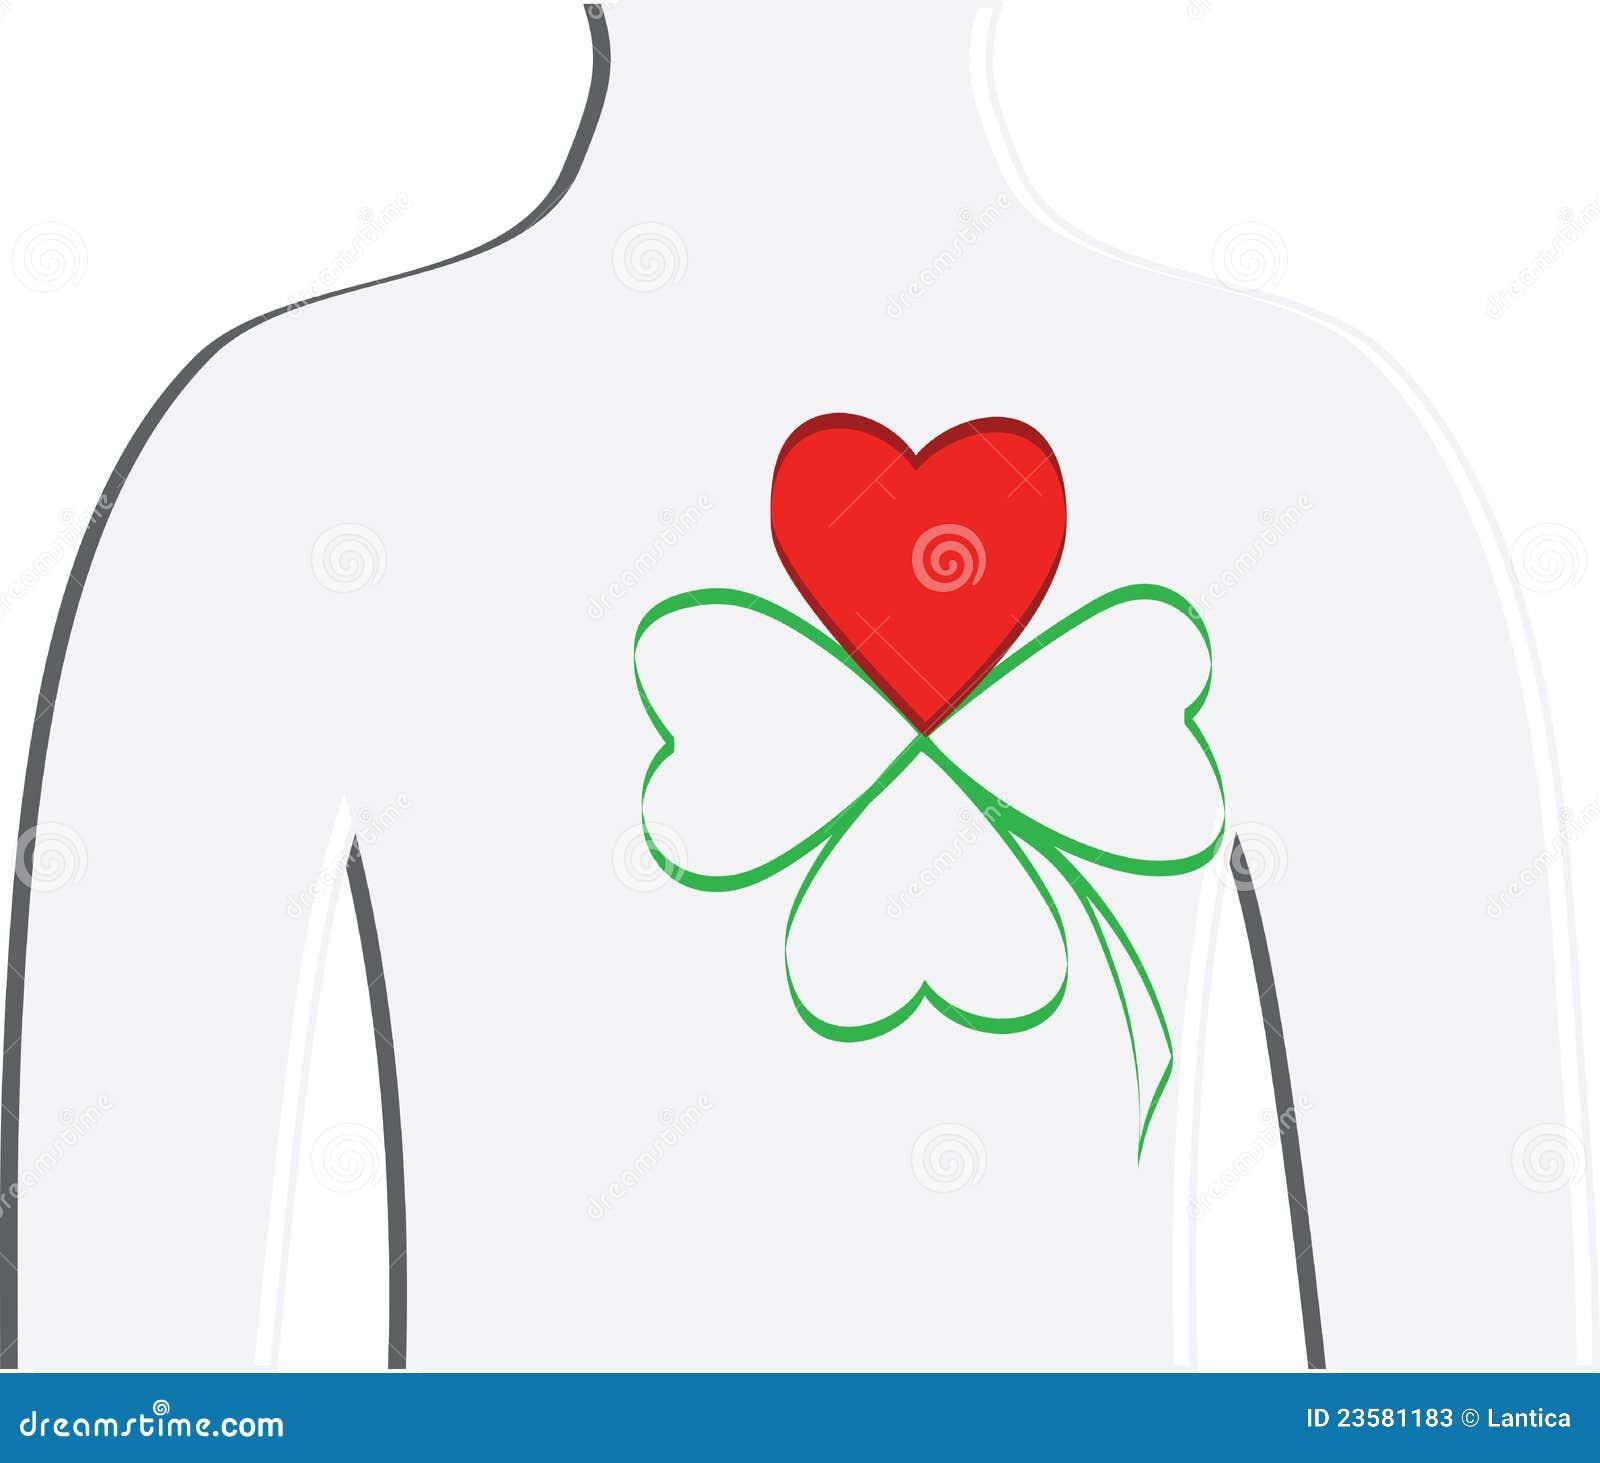 le symbole de l 39 amour pour l 39 irlande photos stock image 23581183. Black Bedroom Furniture Sets. Home Design Ideas